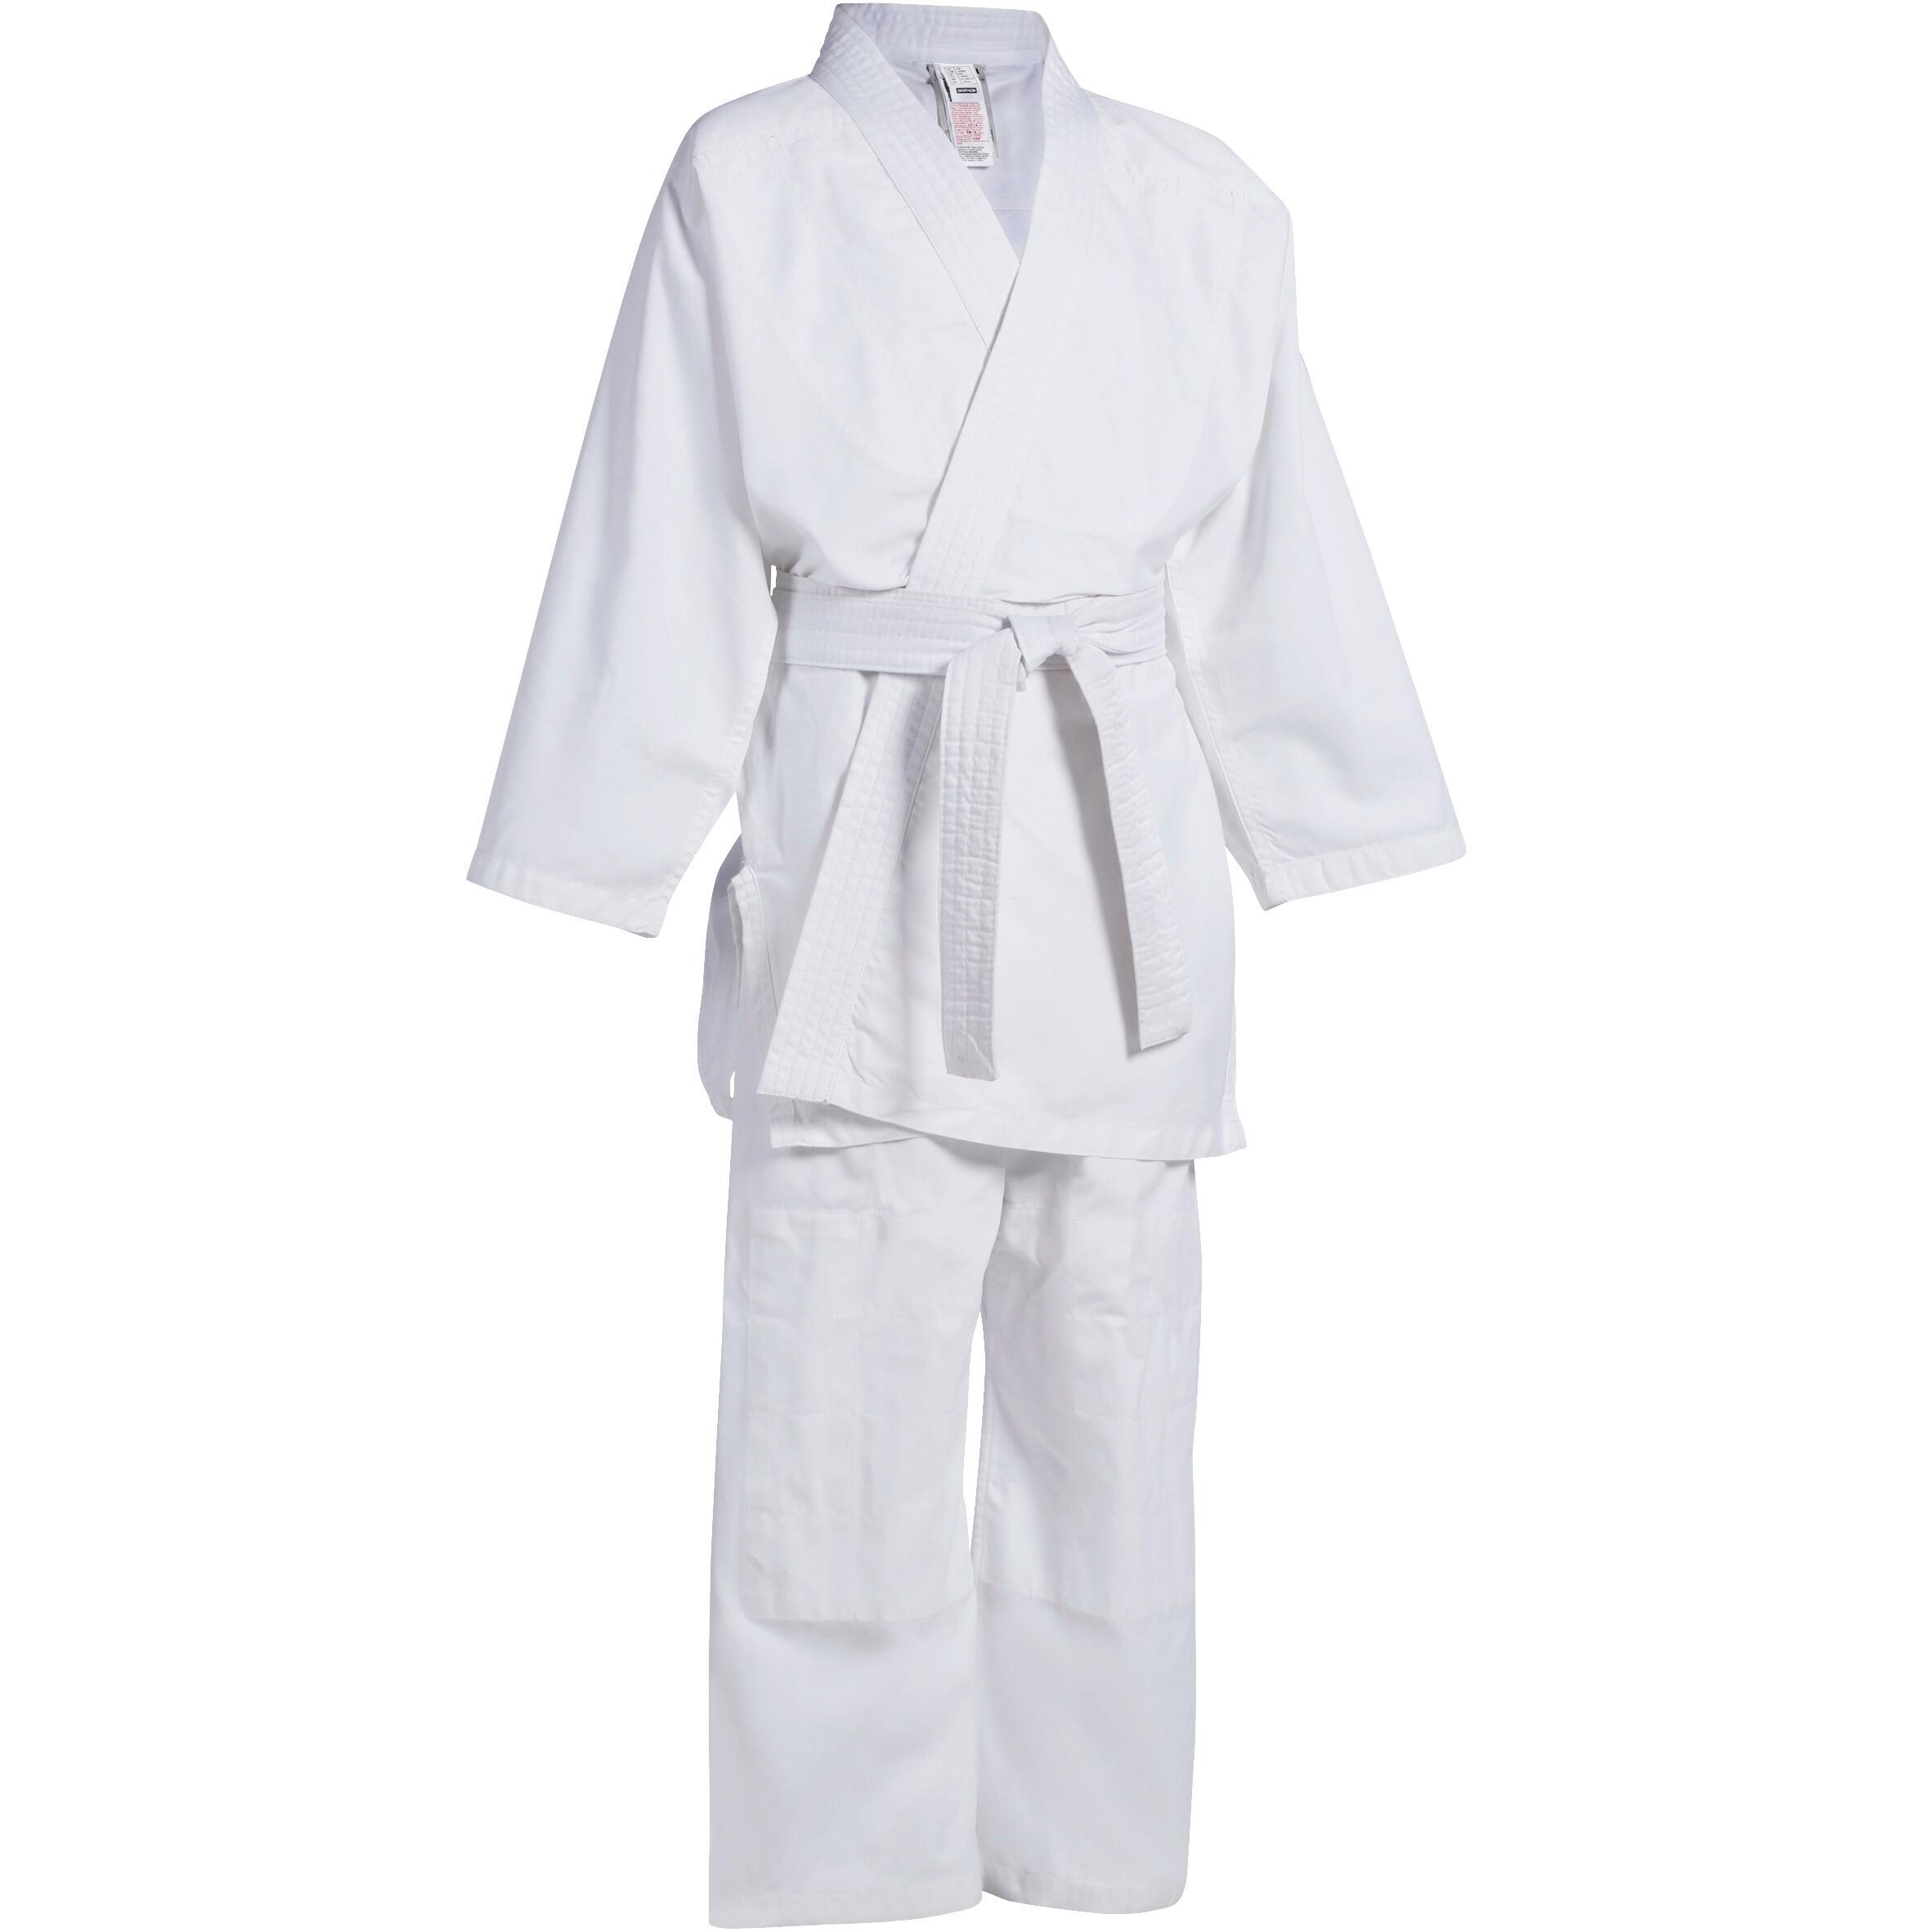 Outshock Judopak 200 initiatie voor kinderen, voor judo, aikido, jiujitsu